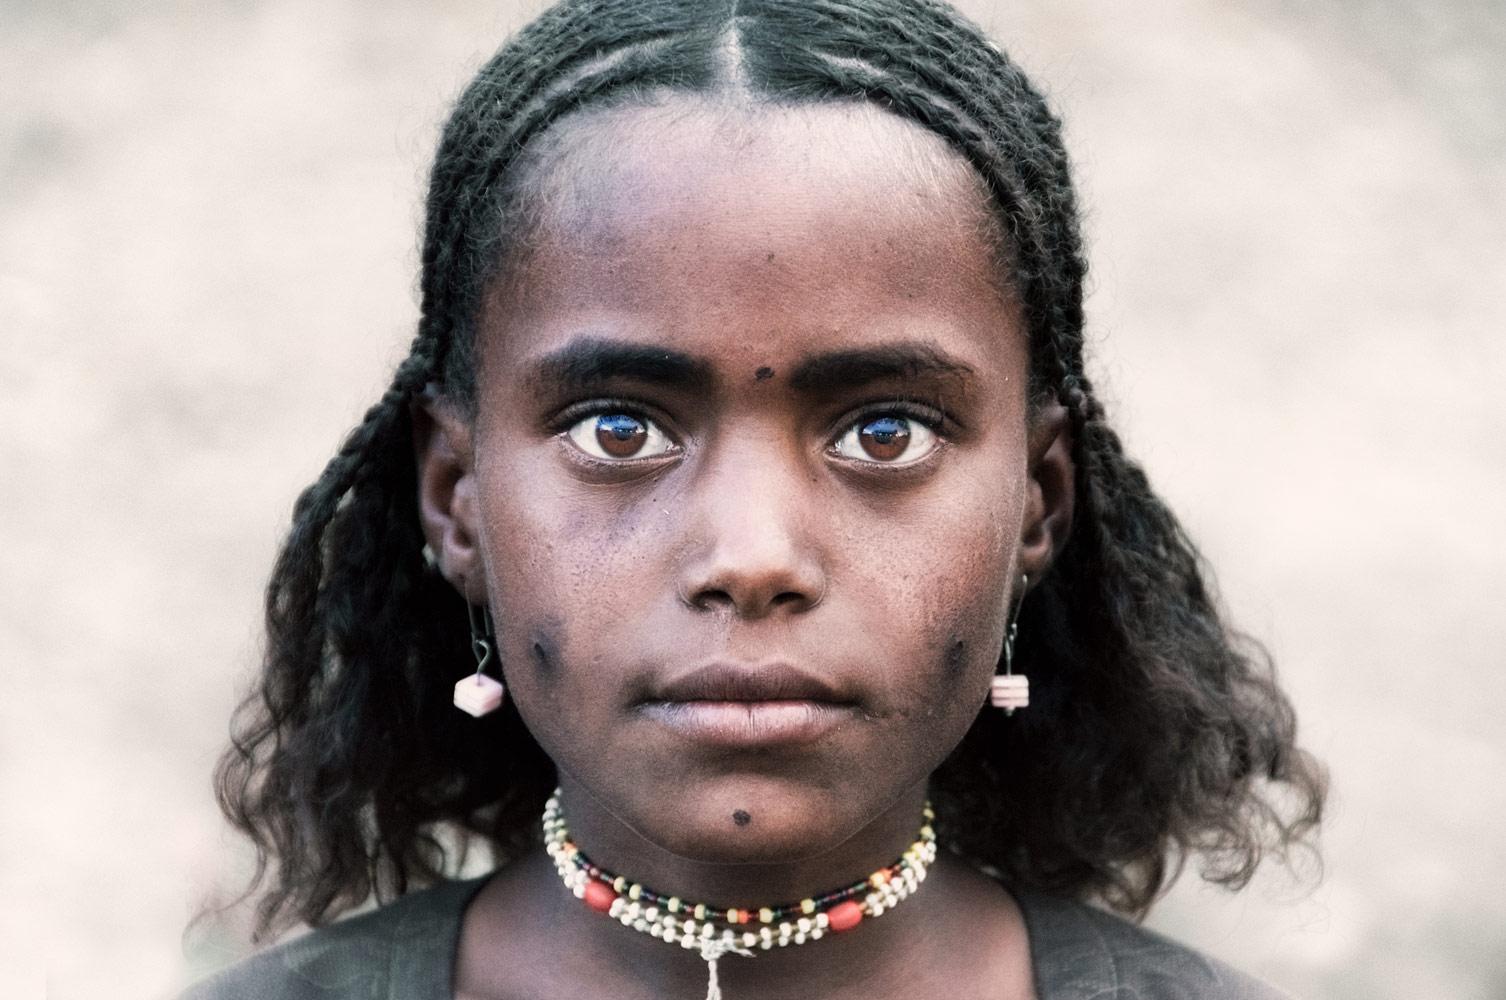 © Тревор Коул, Фотоконкурс «Шёлковый путь глазами молодёжи»